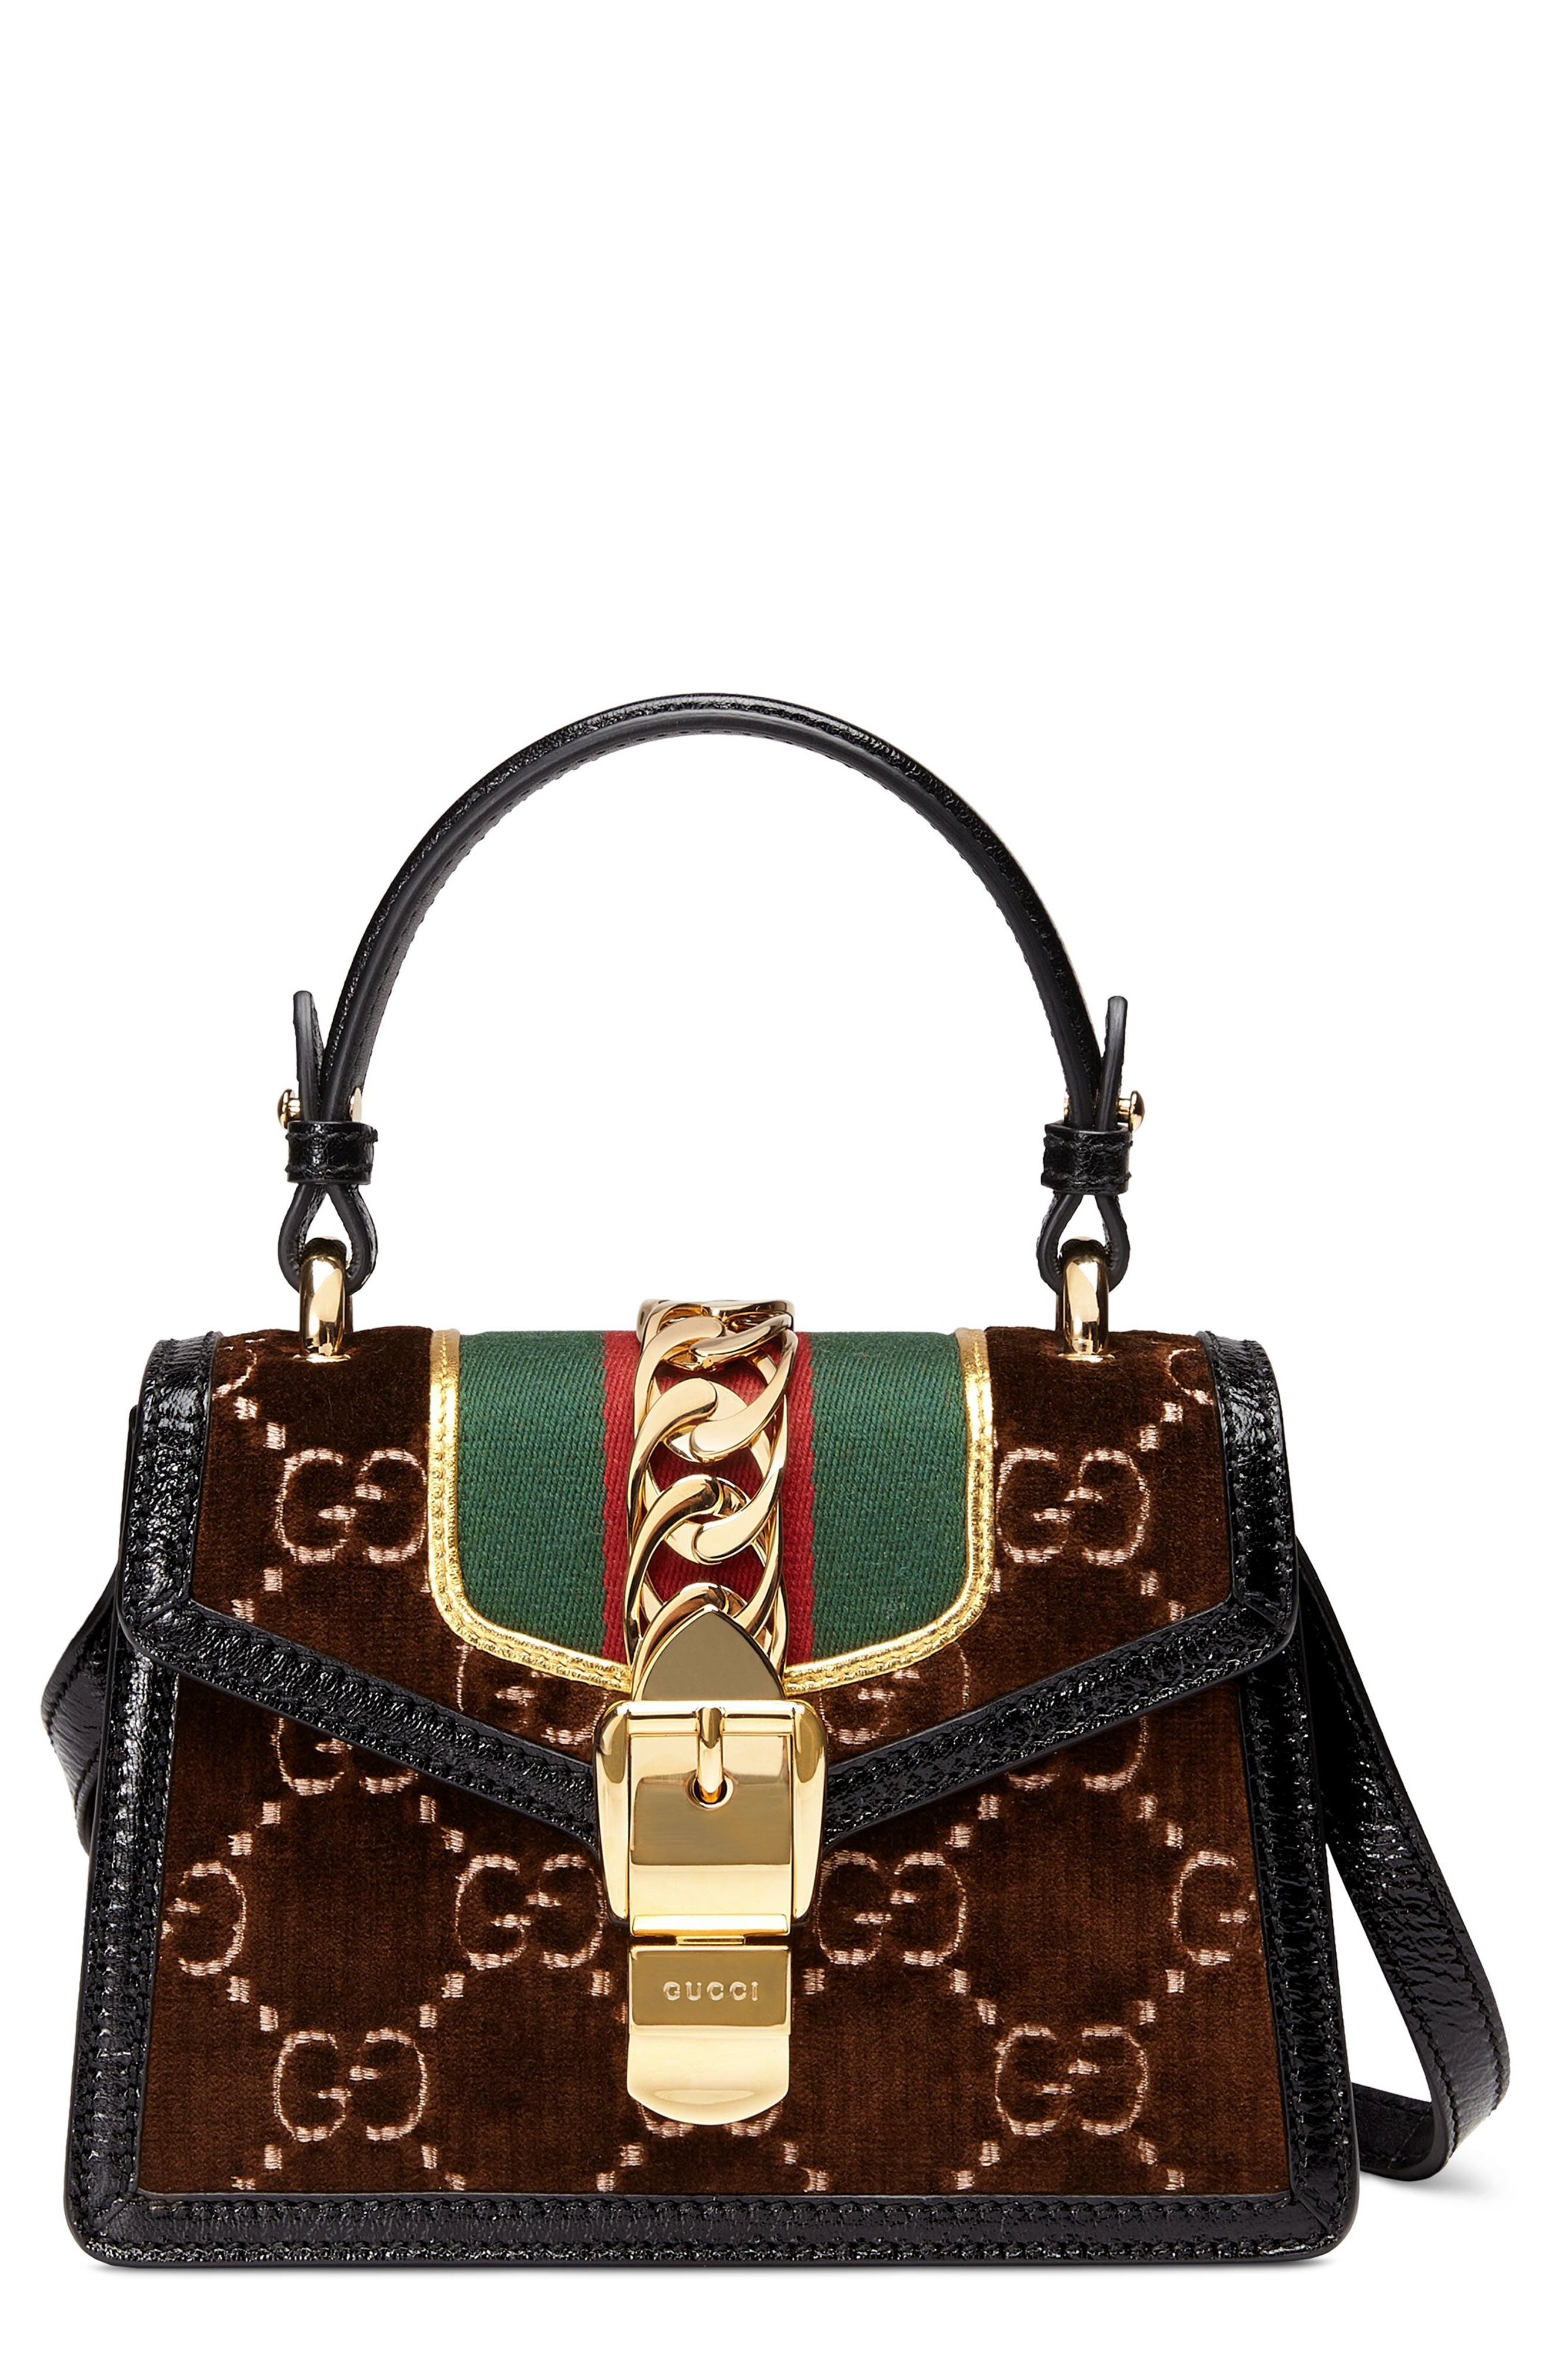 99adffd87715c3 Women's Gucci Velvet | Nordstrom